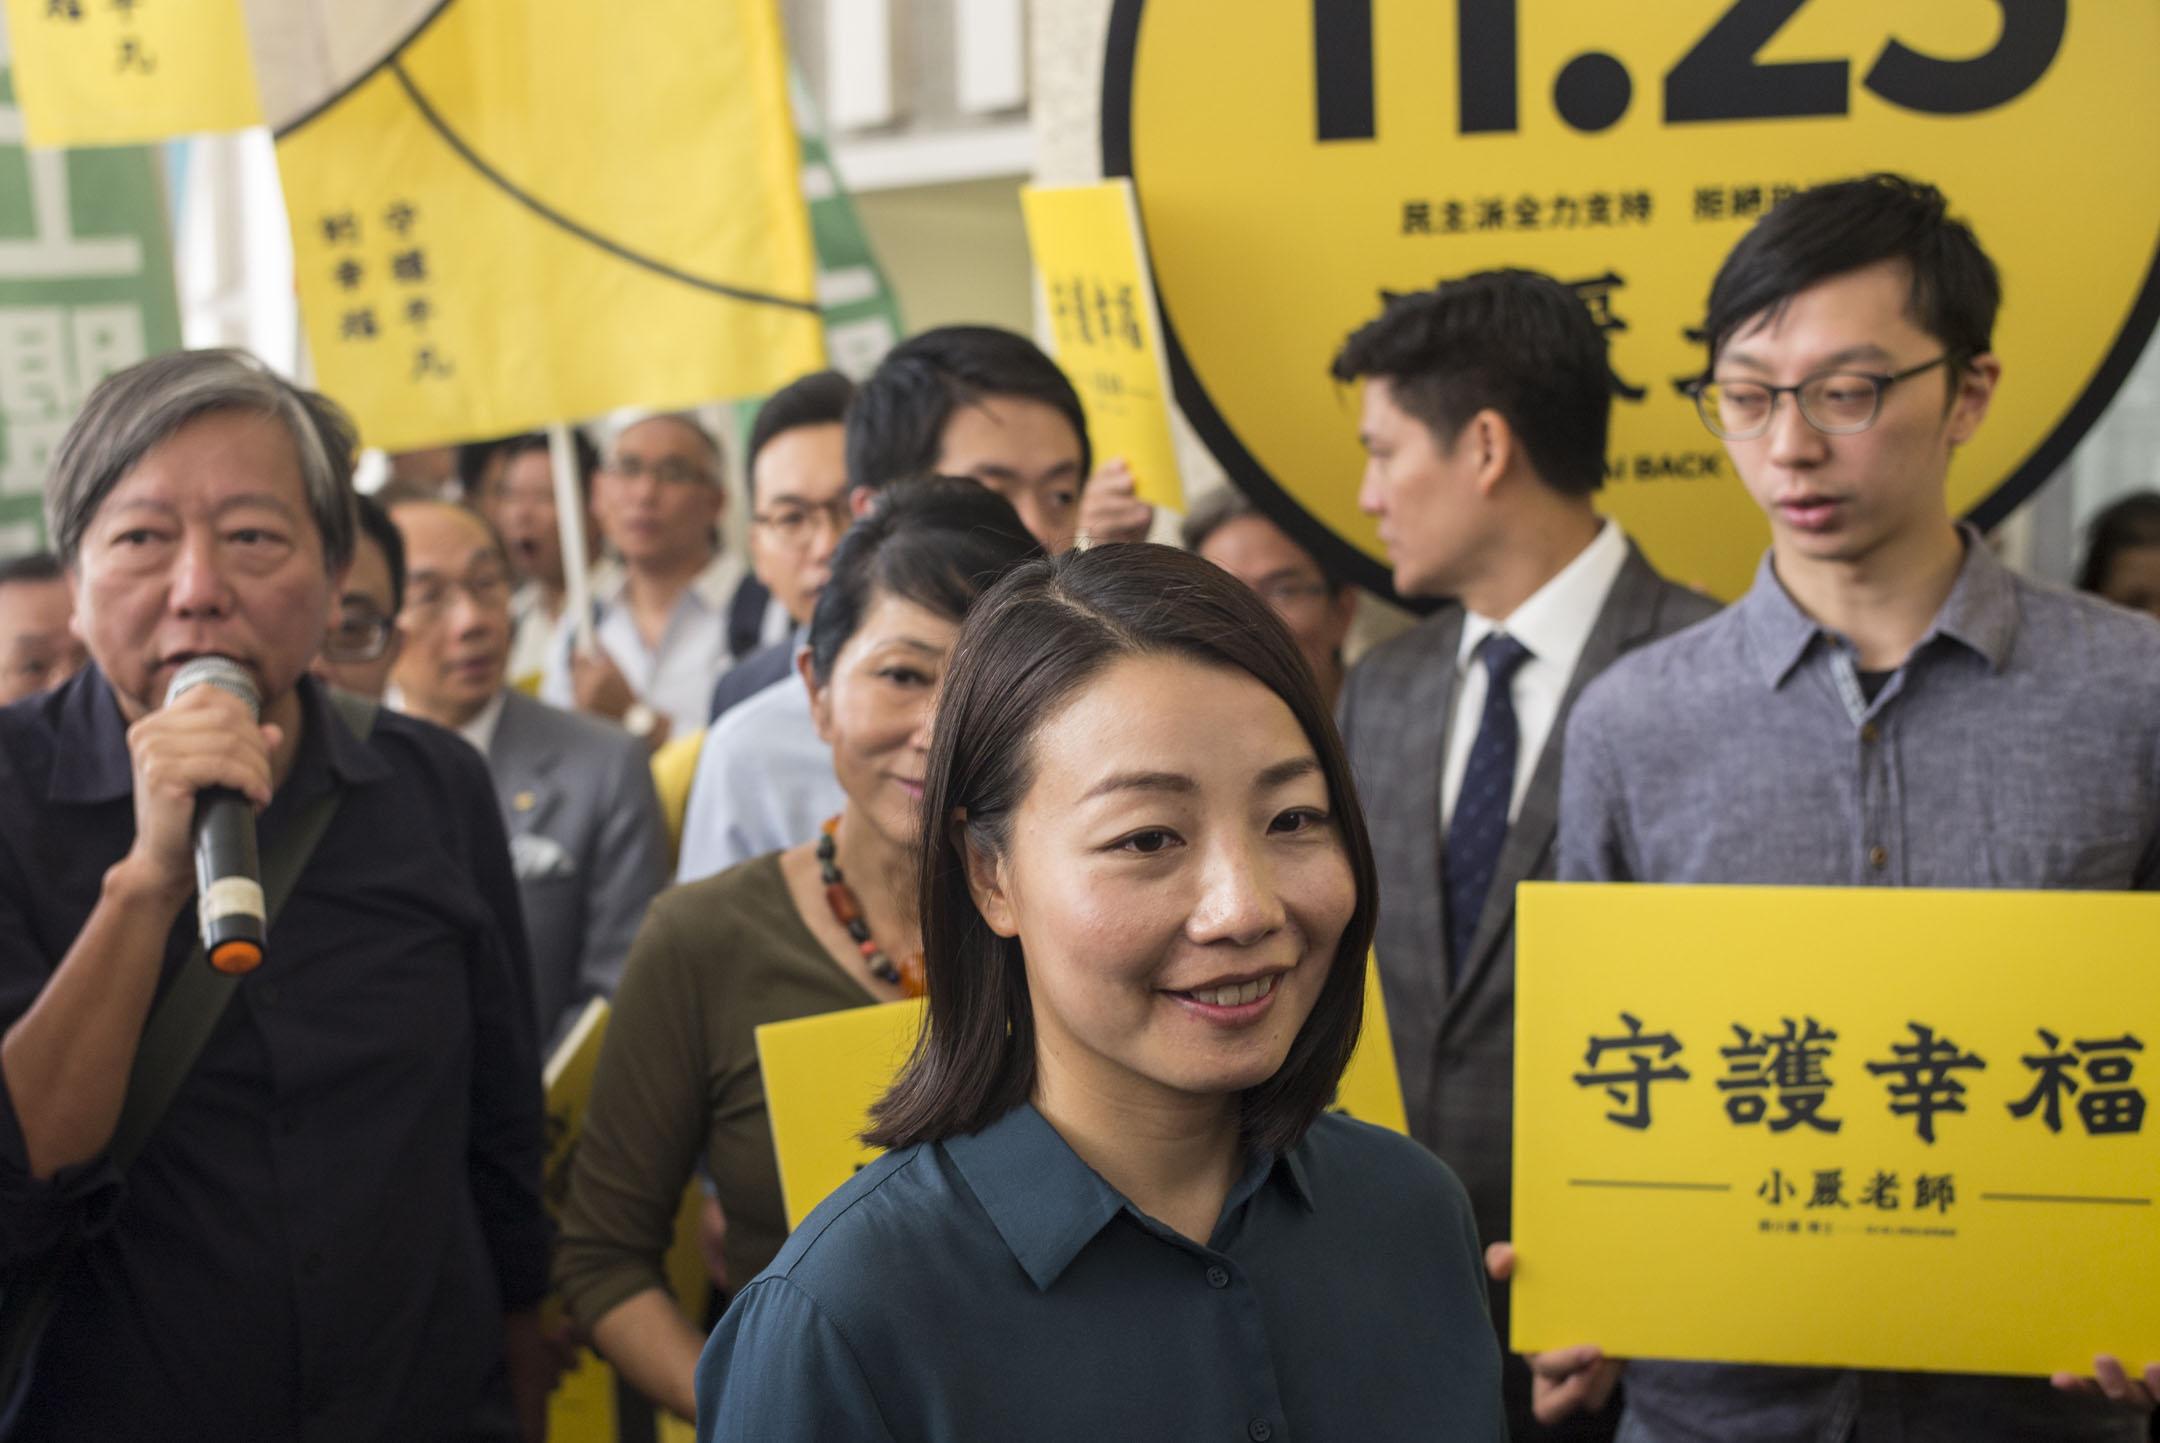 2018年10月2日,民主派陪同劉小麗報名參選立法會九龍西補選。 攝:林振東/端傳媒